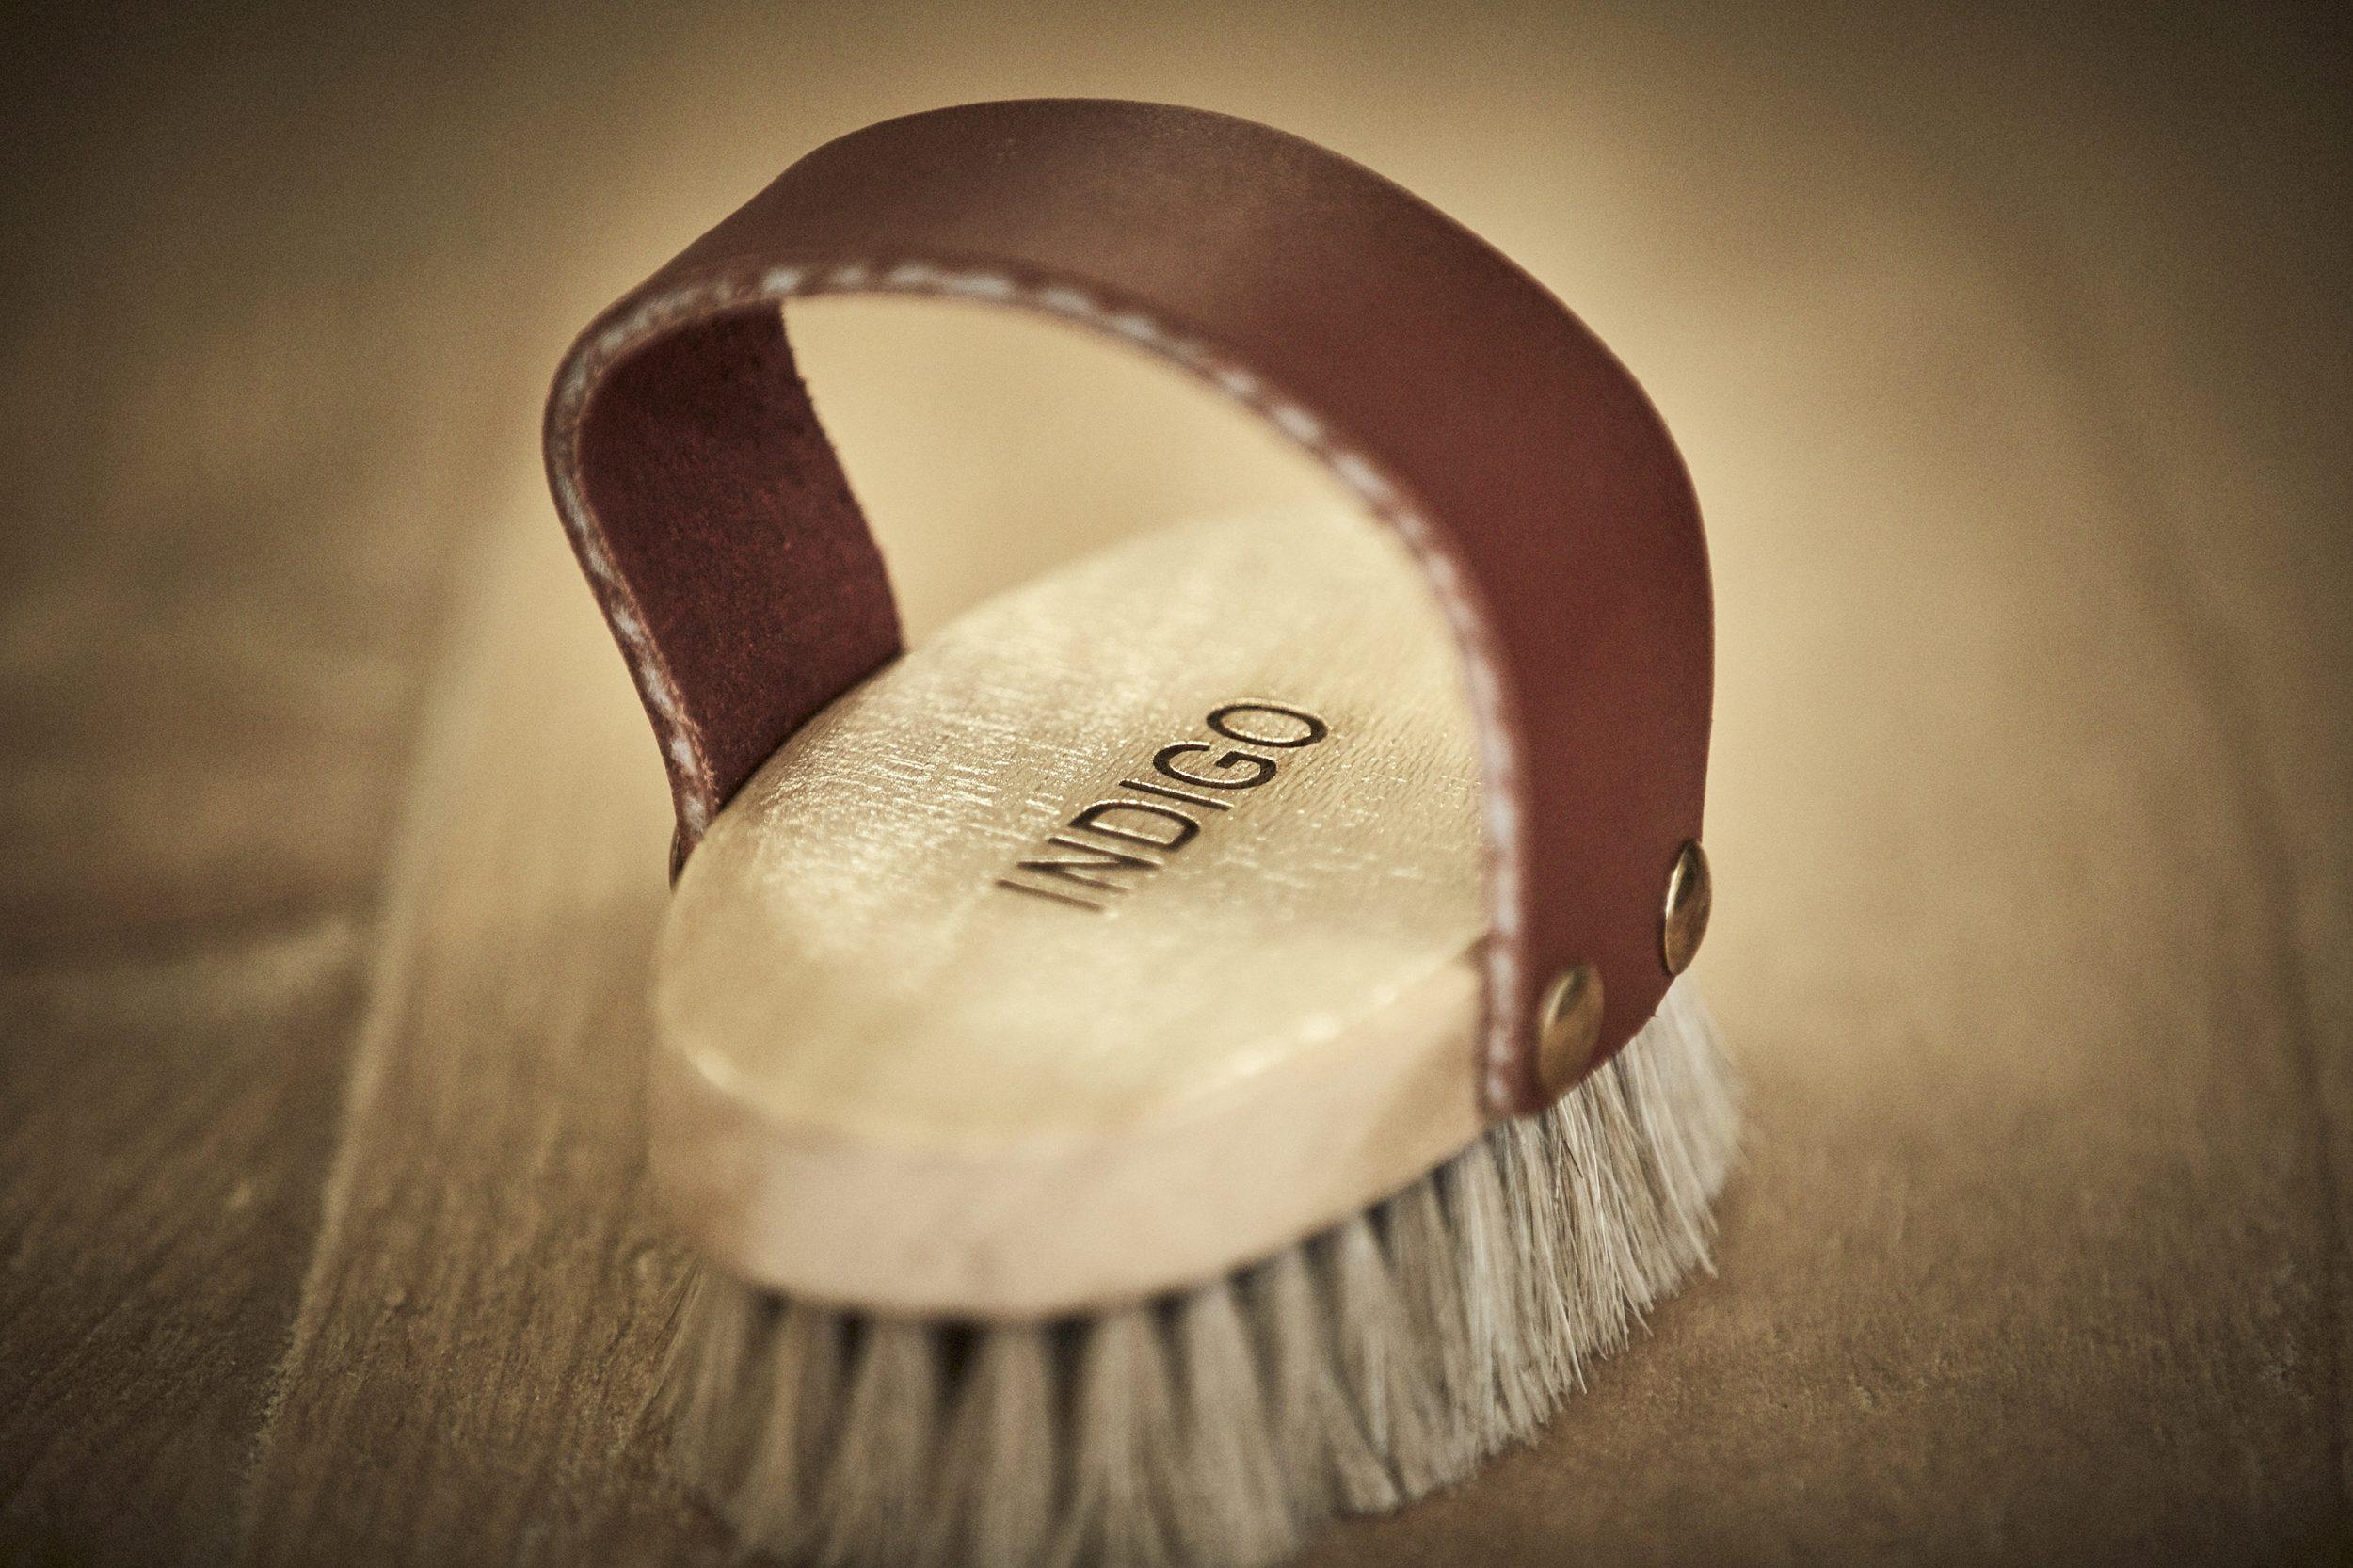 An indigo waxing brush